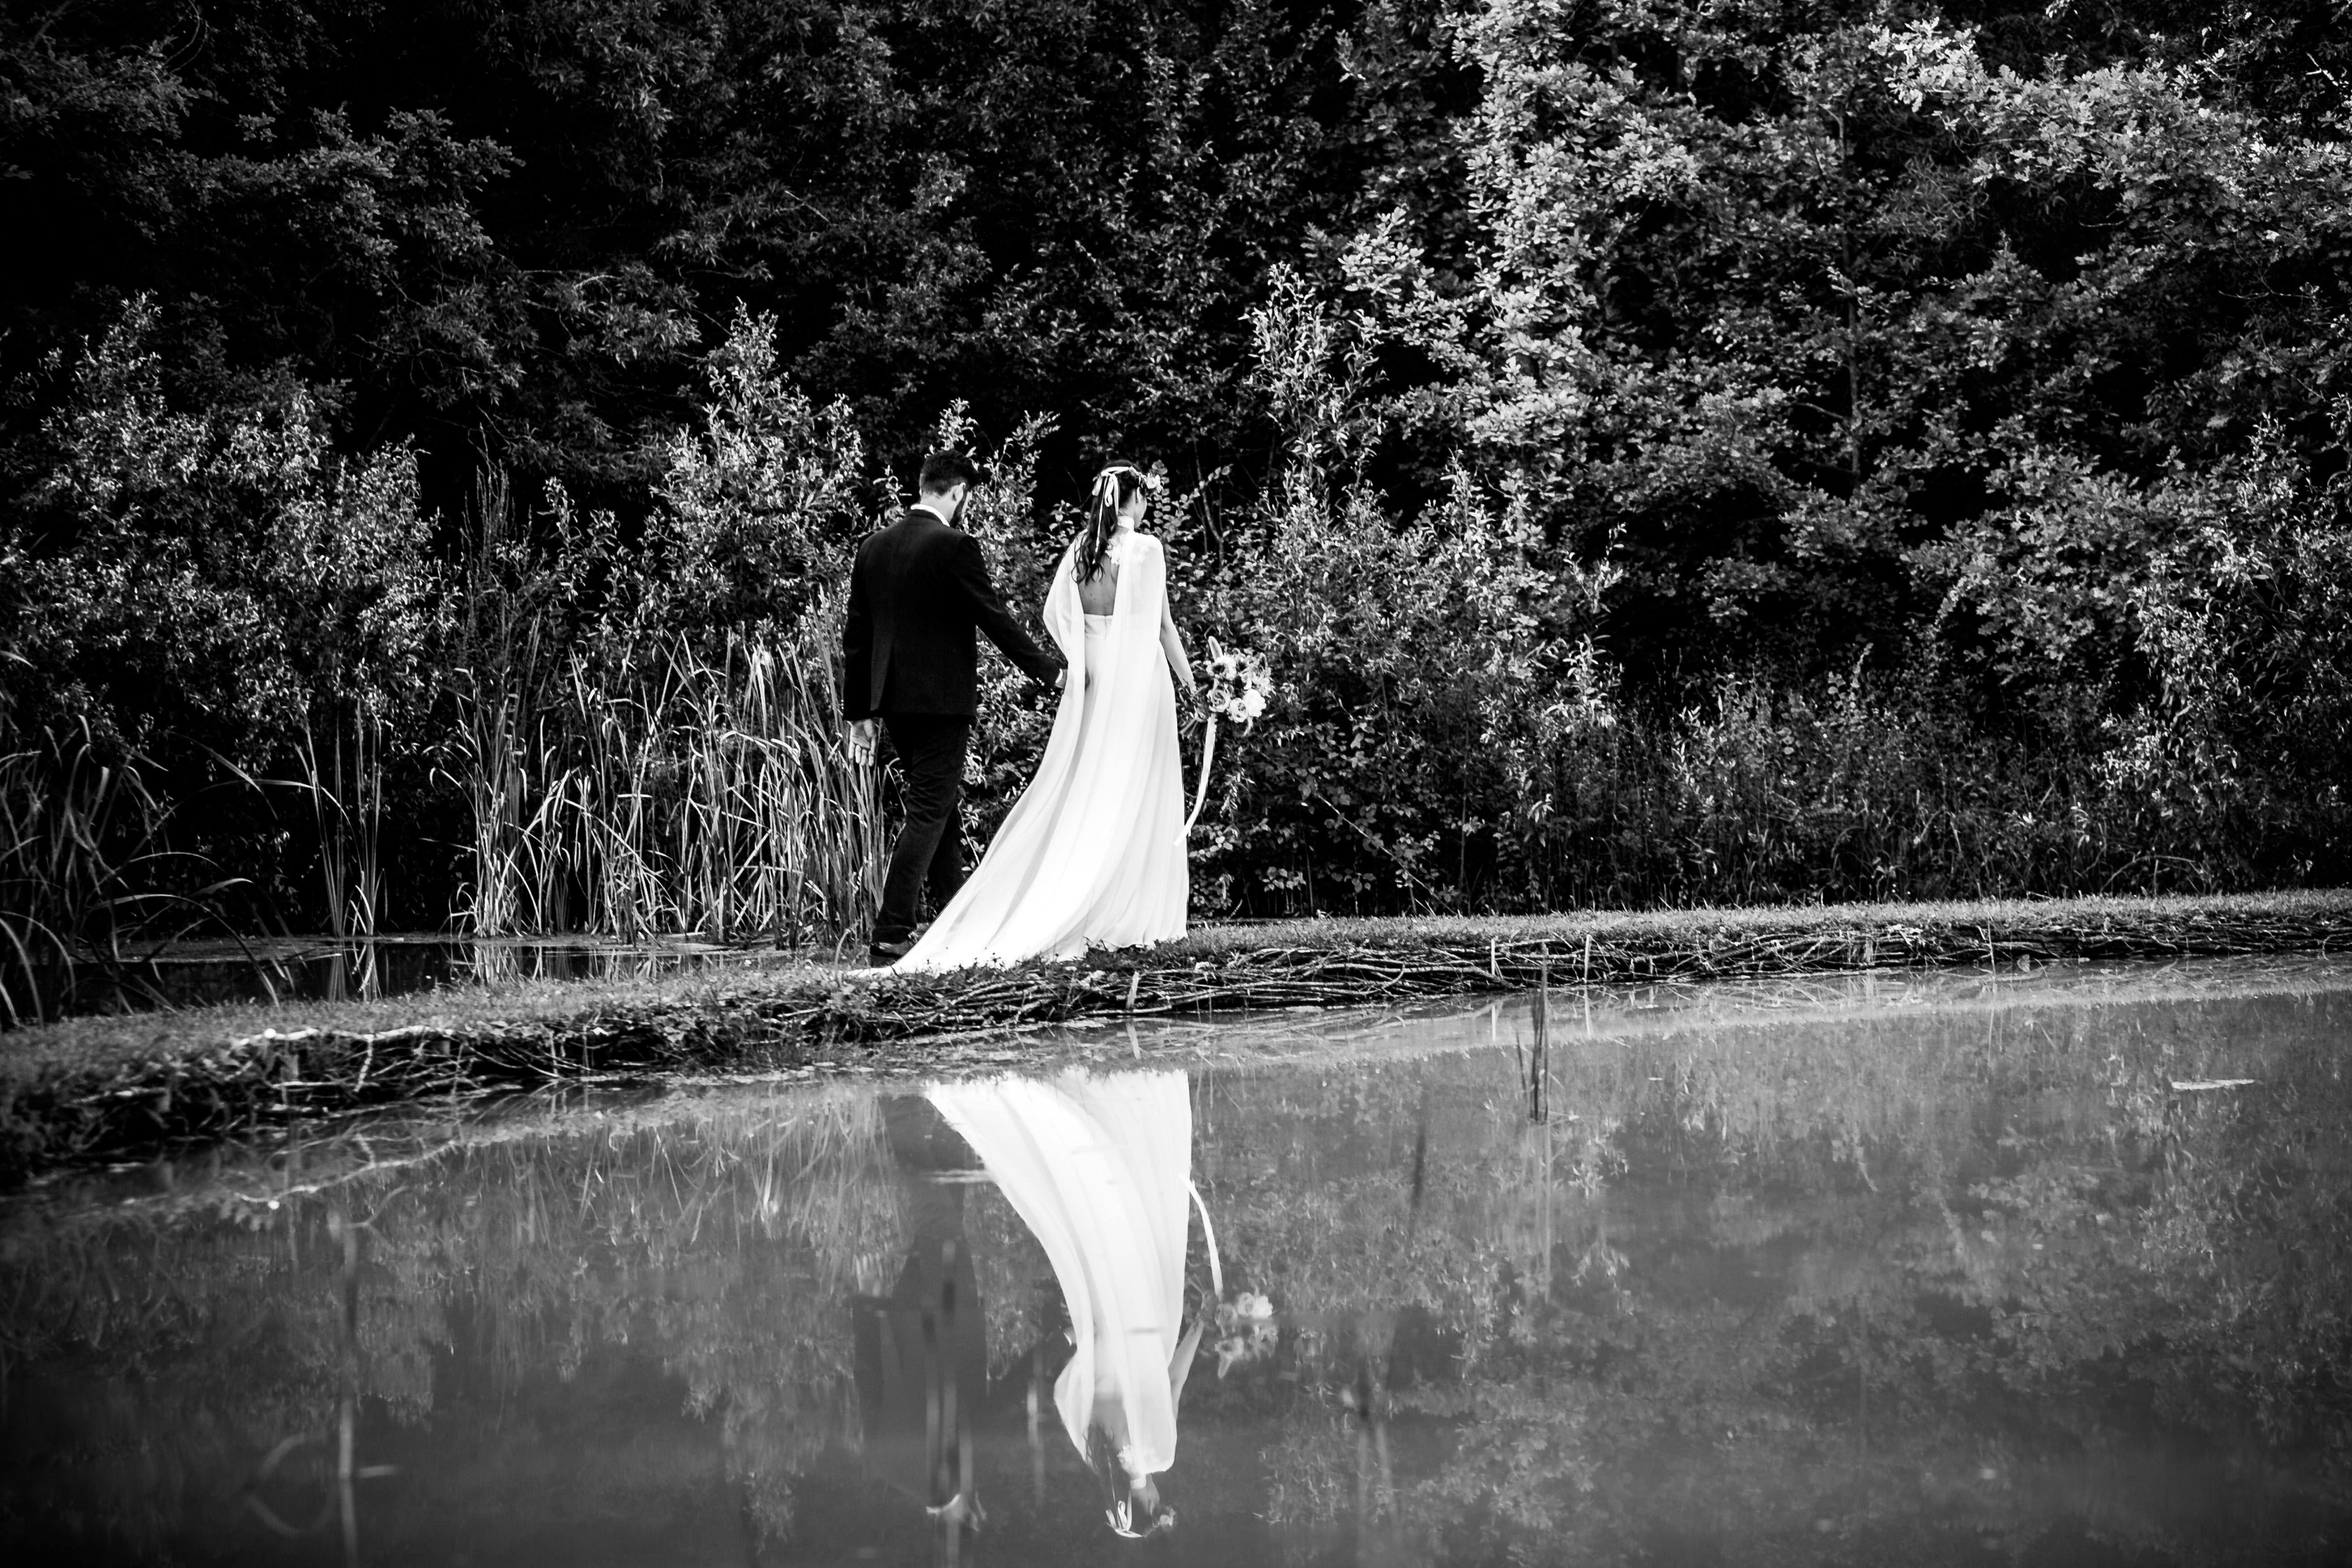 0027_gilberti_ricca_convento_annunciata_fotografi_matrimonio